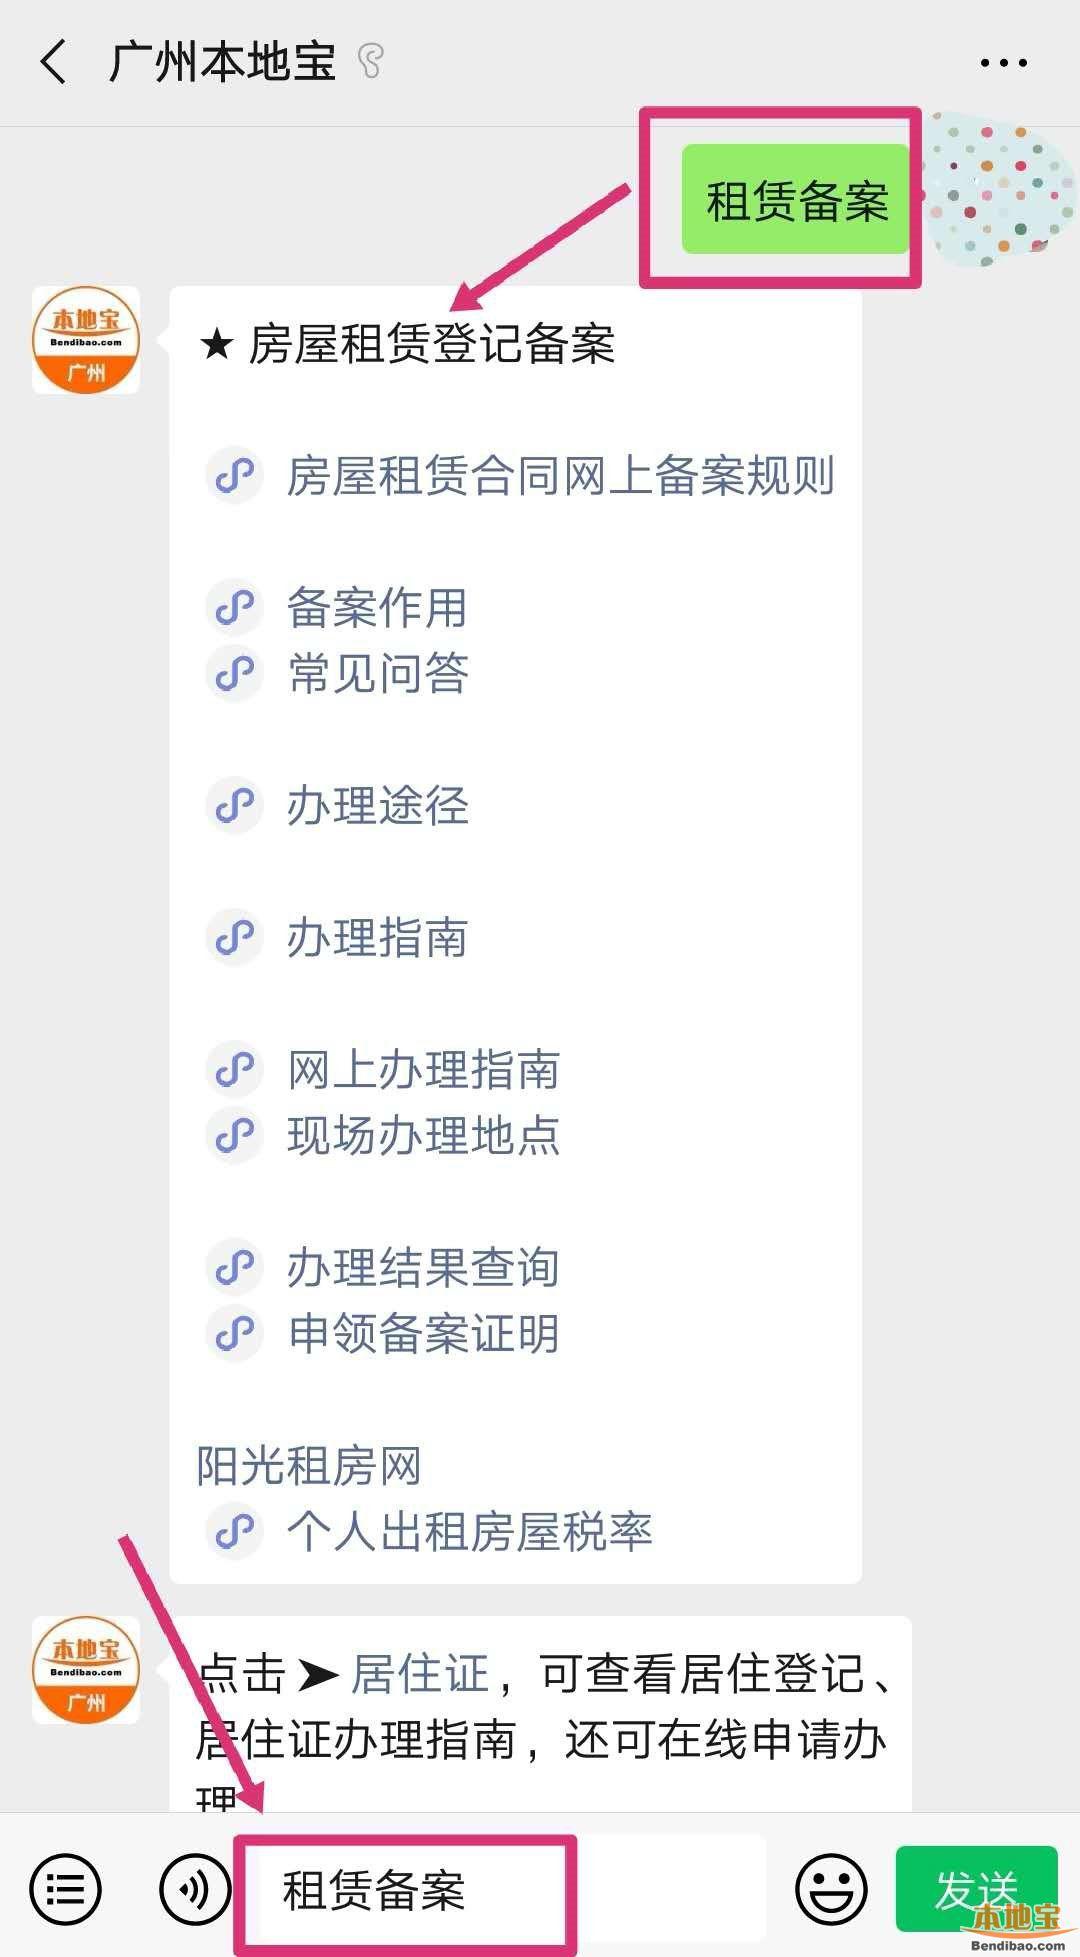 广州居住证办理流程_2020广州居住证办理材料有哪些?- 广州本地宝